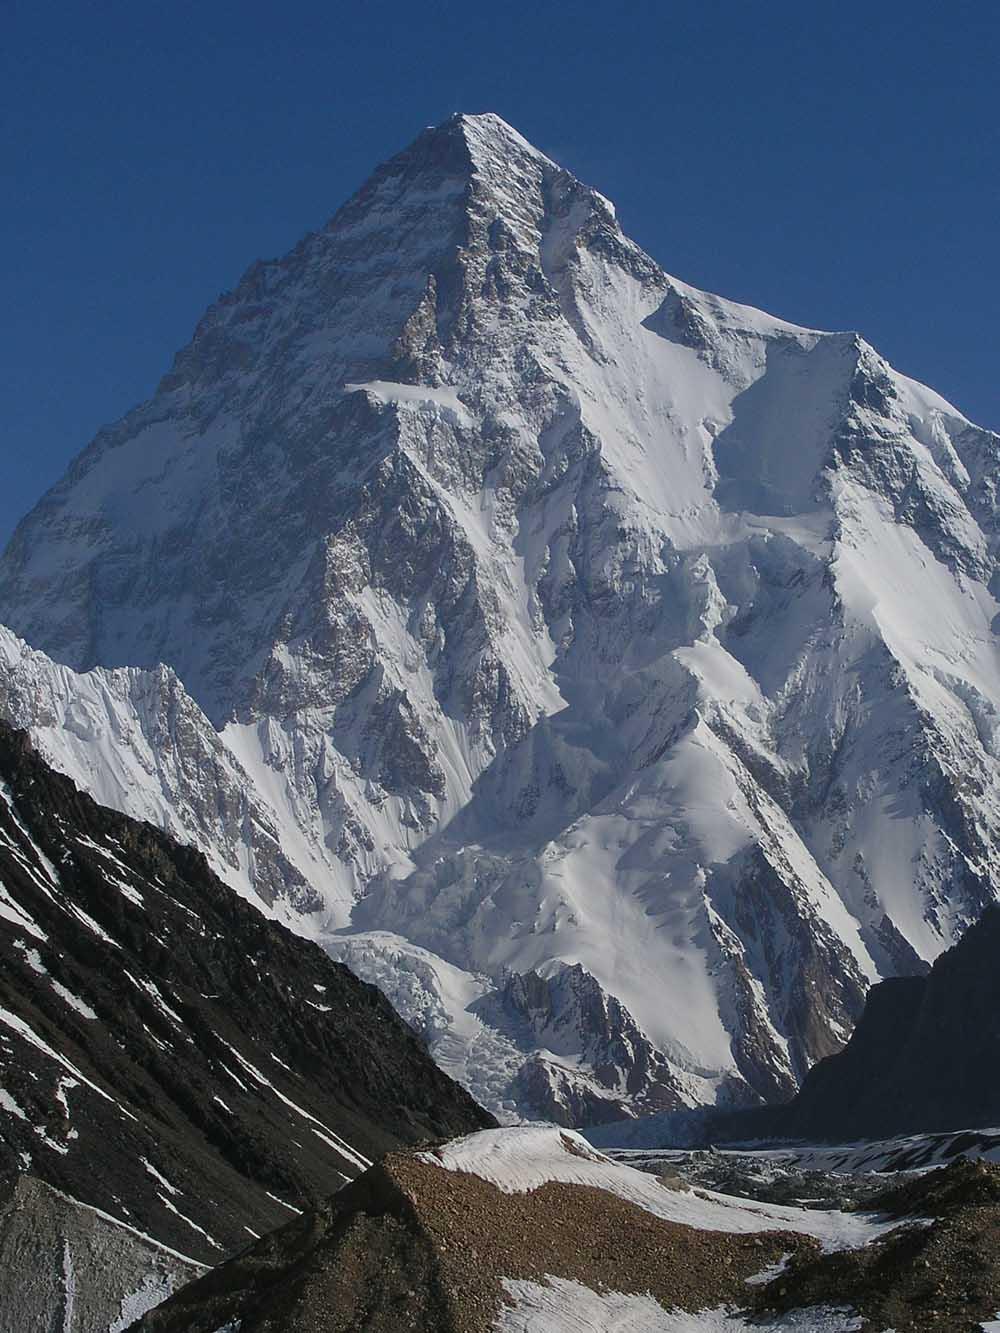 La Plus Haute Montagne Du Monde : haute, montagne, monde, Wikipédia